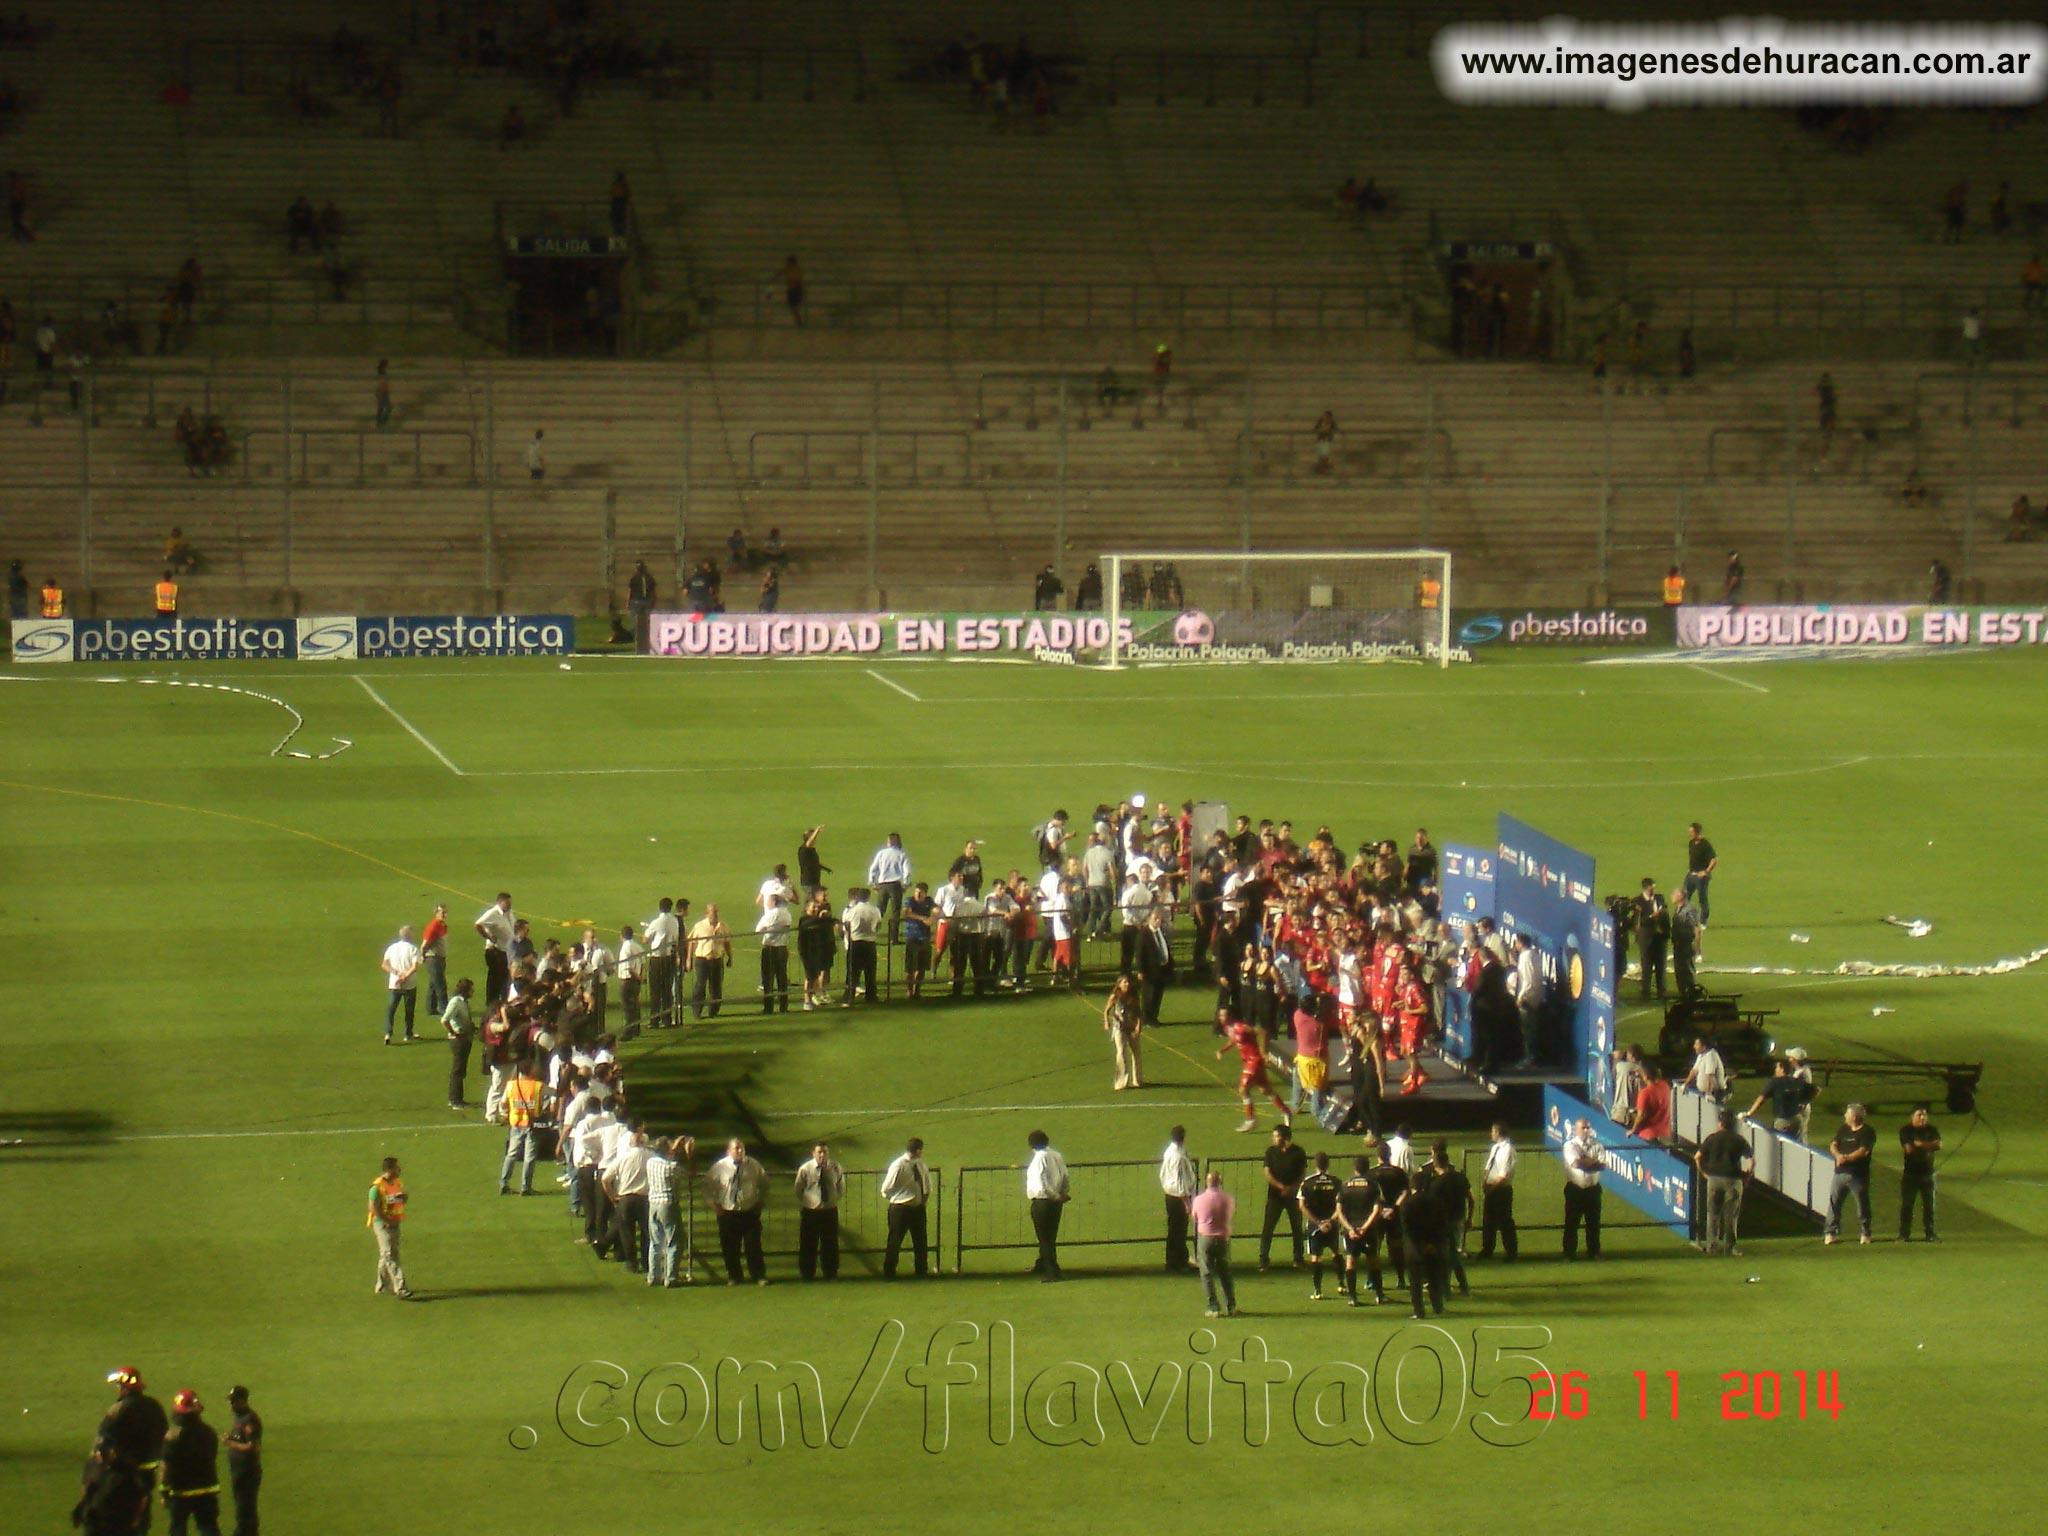 huracán vs rosario central final copa argentina 2014